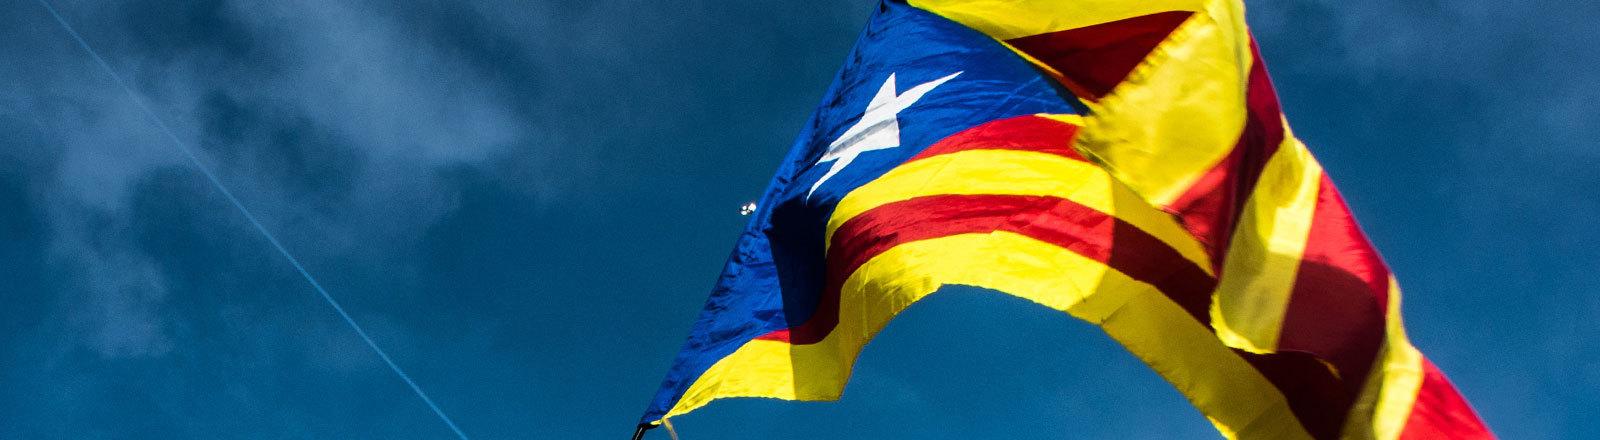 Eine Variante der katalanischen Flagge weht im Wind